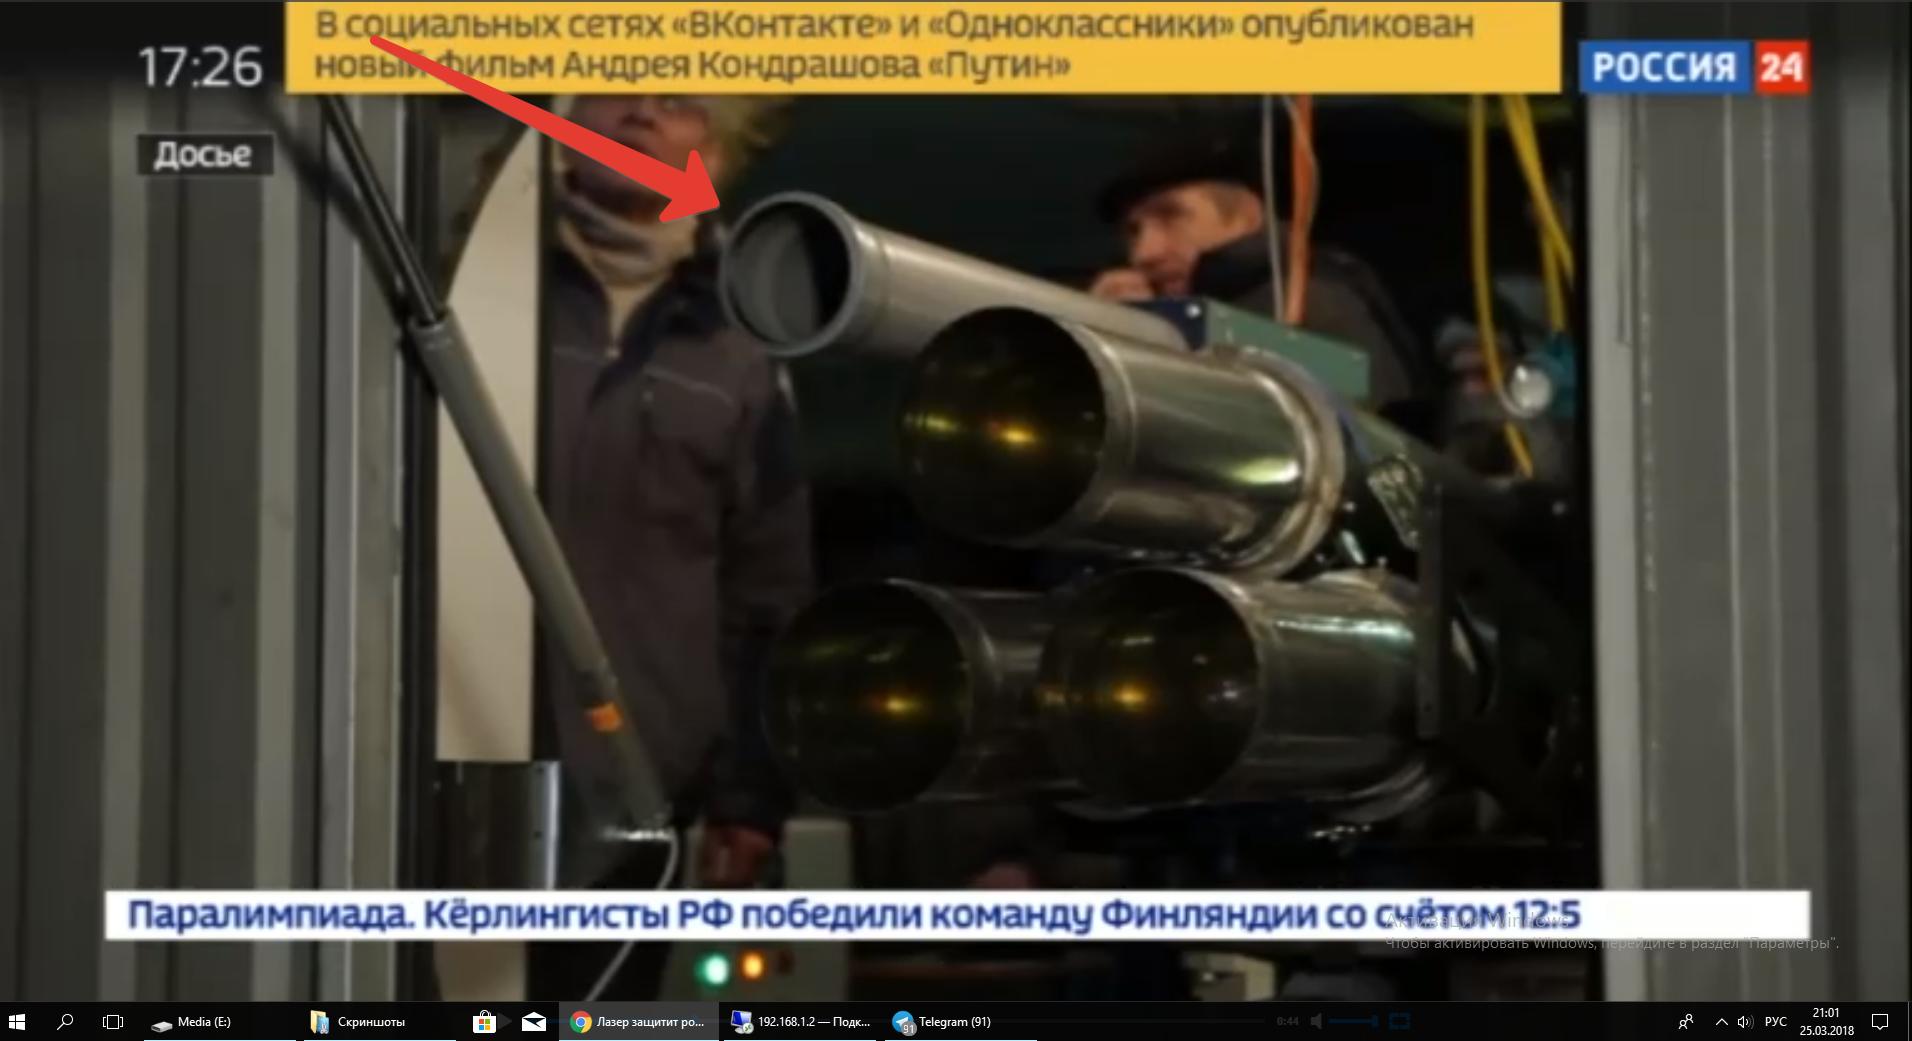 Разоблачаем! Действительно ли российские лазеры делают из сантехнических труб?